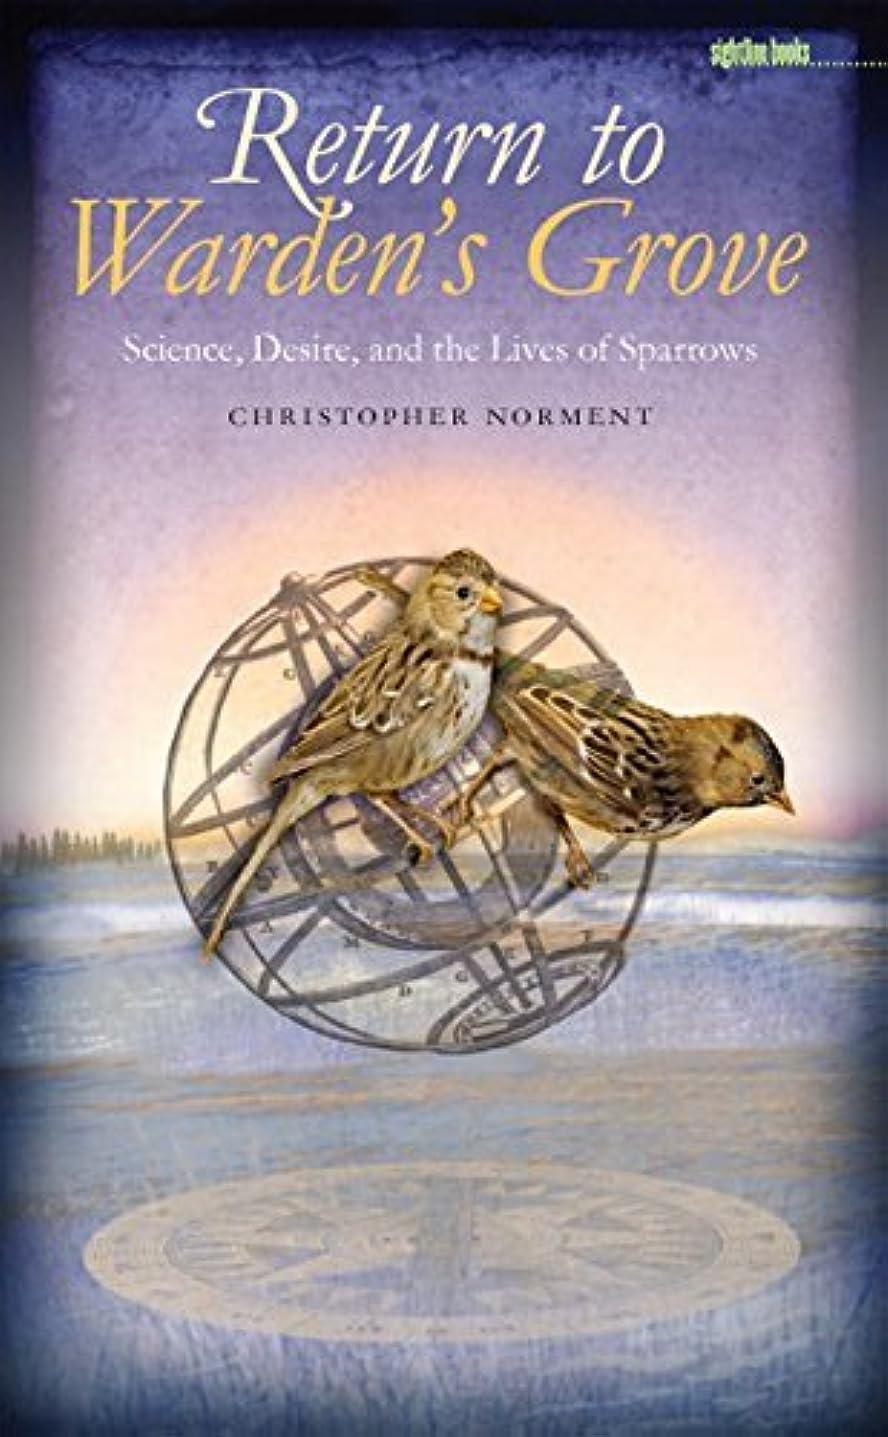 プロジェクター軍団レパートリーReturn to Warden's Grove: Science, Desire, and the Lives of Sparrows (Sightline Books) (English Edition)